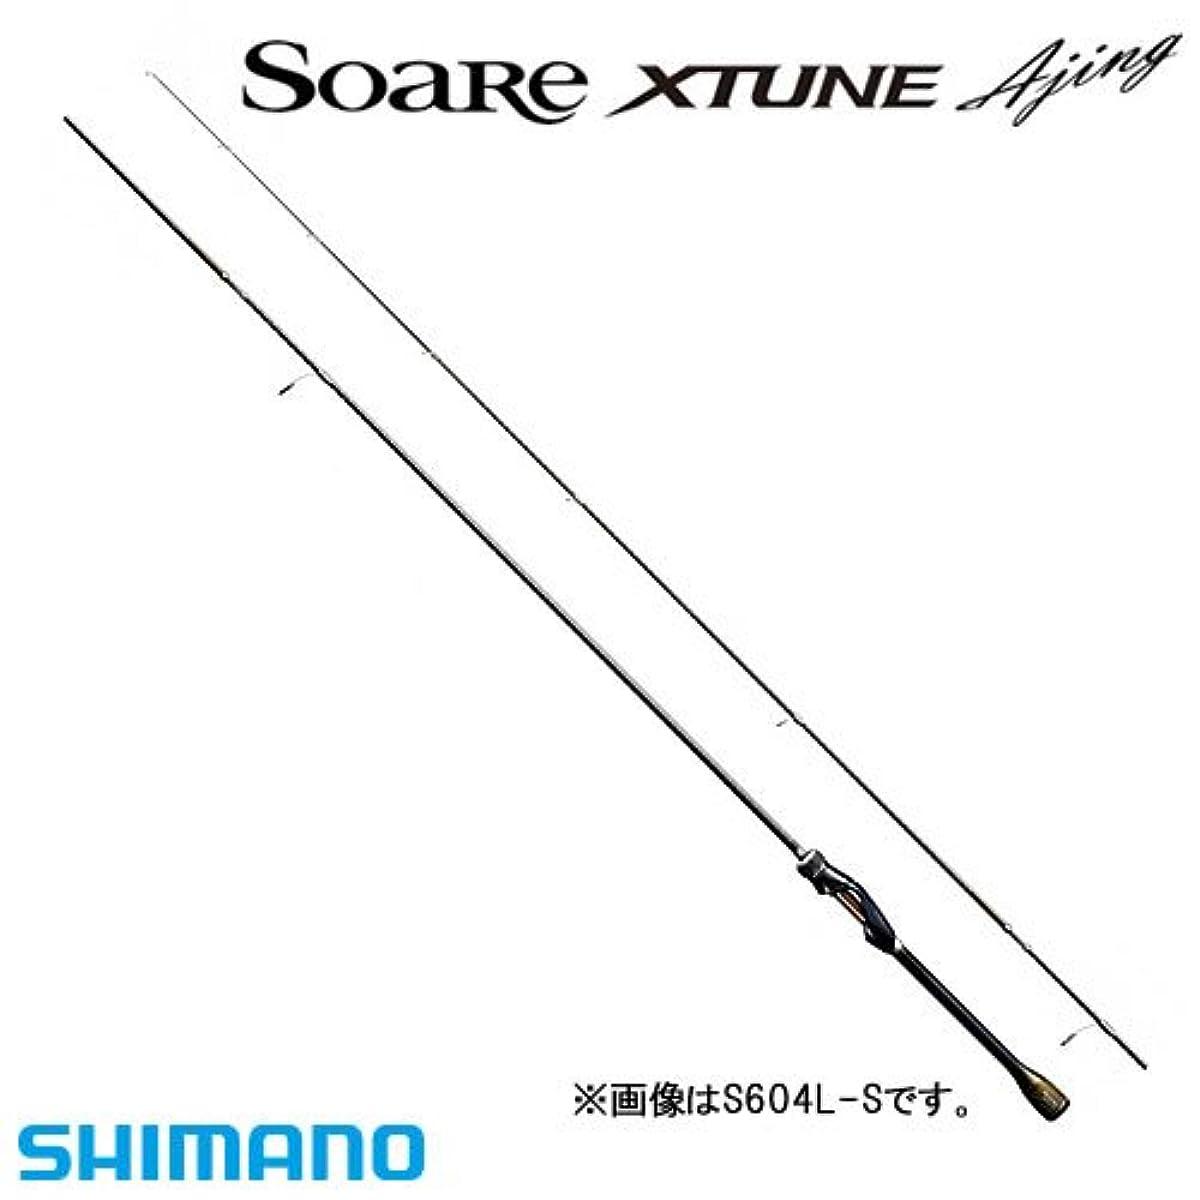 [해외] 시마노 소 아레티 ex추- AGN구 S508L-S